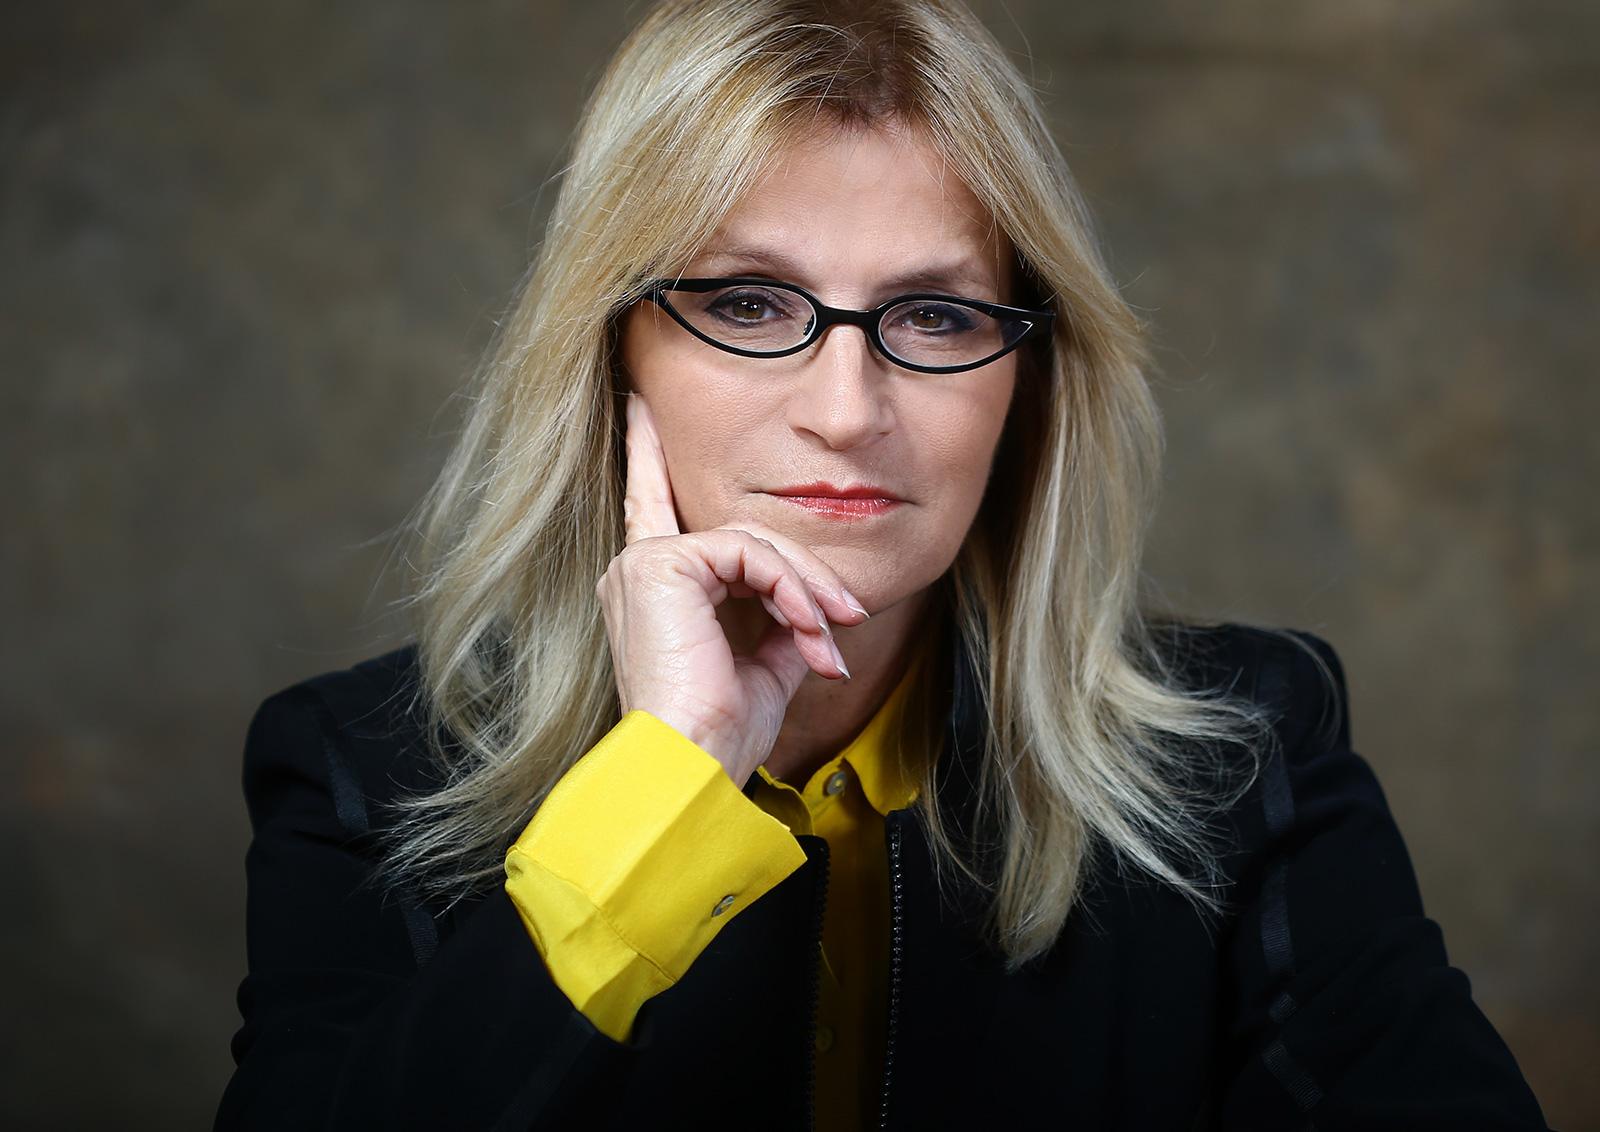 אירית רוזנבלום